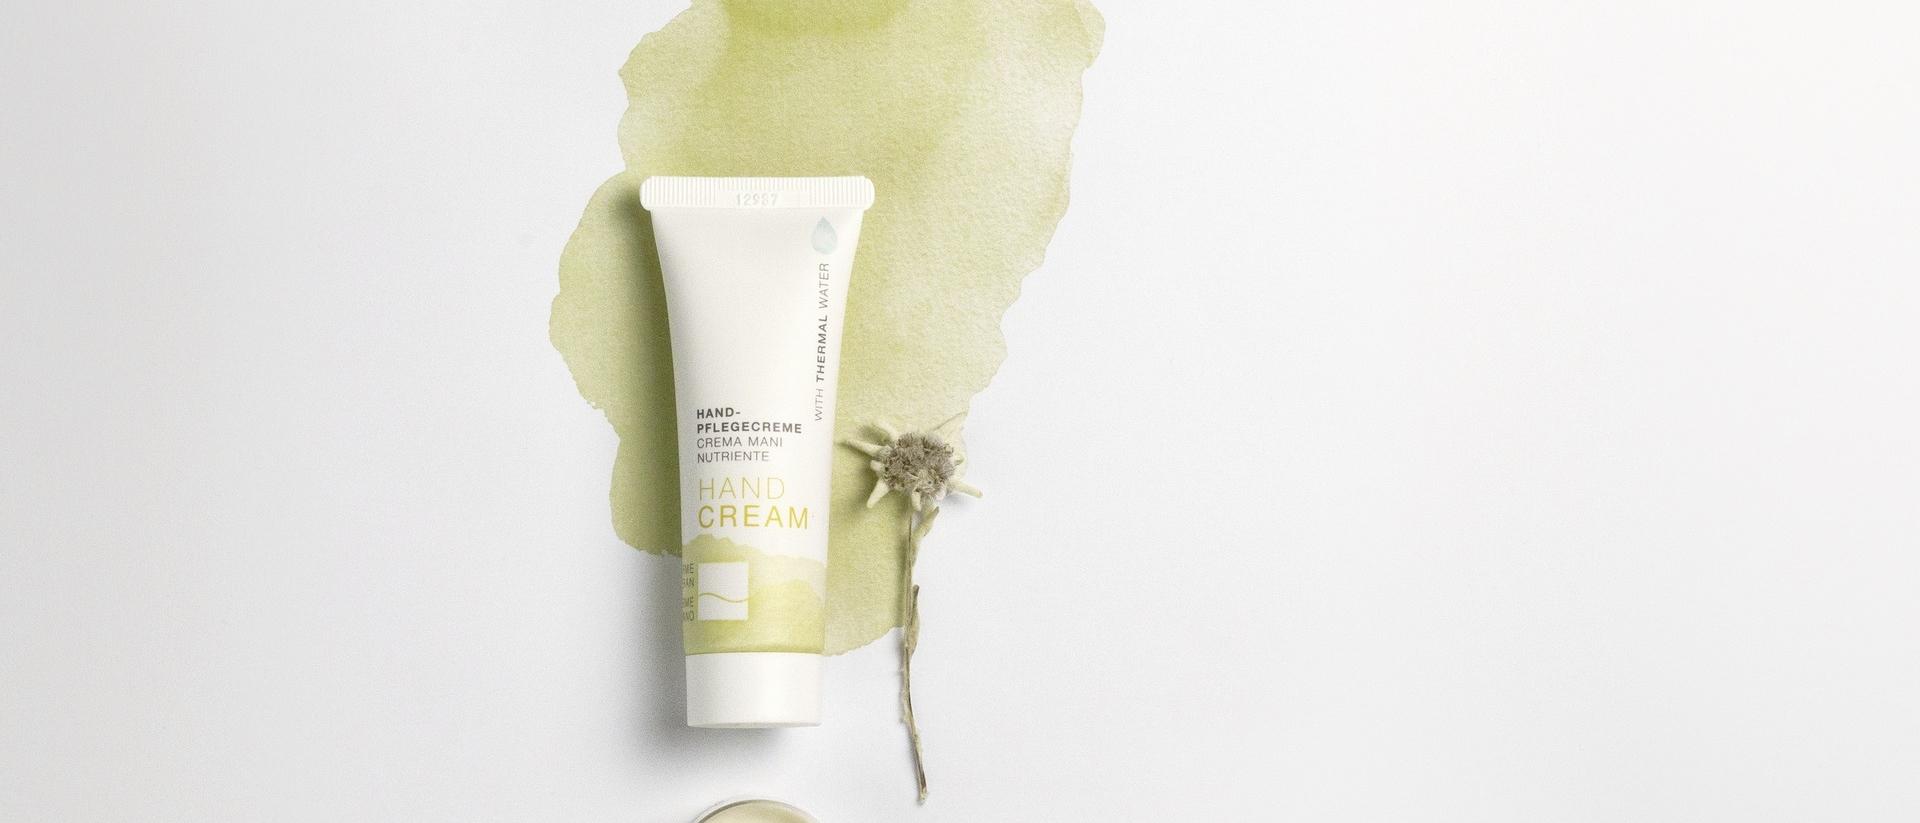 NEW! Hand Cream